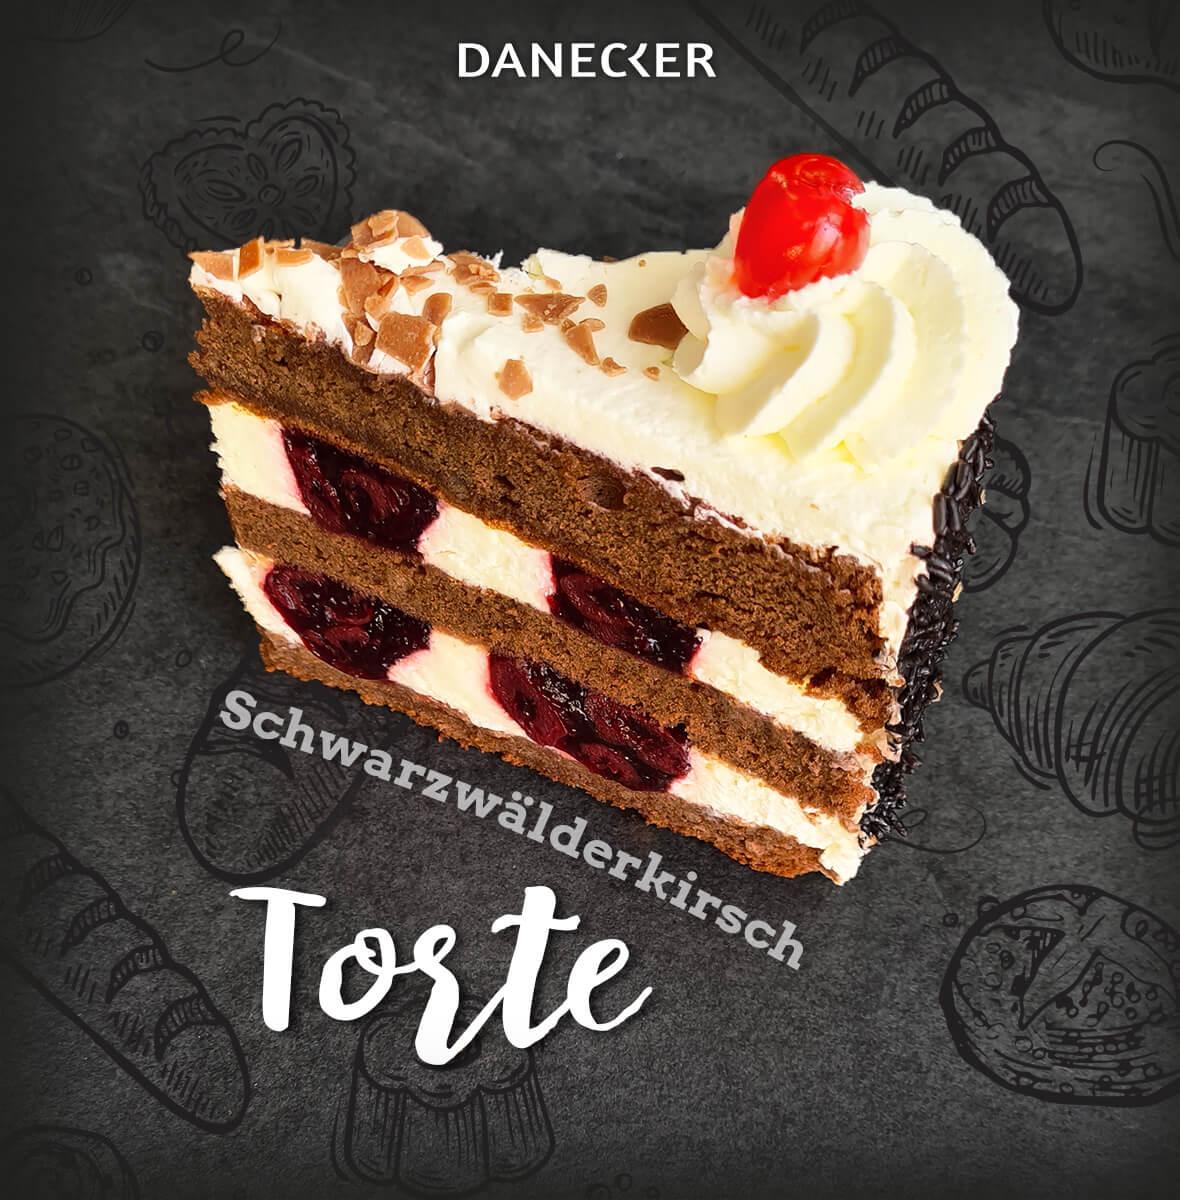 Torten Schwarzwälderkirsch Mehlspeisen Danecker Bäckerei Konditorei Amstetten Bahnhof, Allersdorf, Greinsfurth, Perg, Linz, Wallsee, Aschbach, Mauer